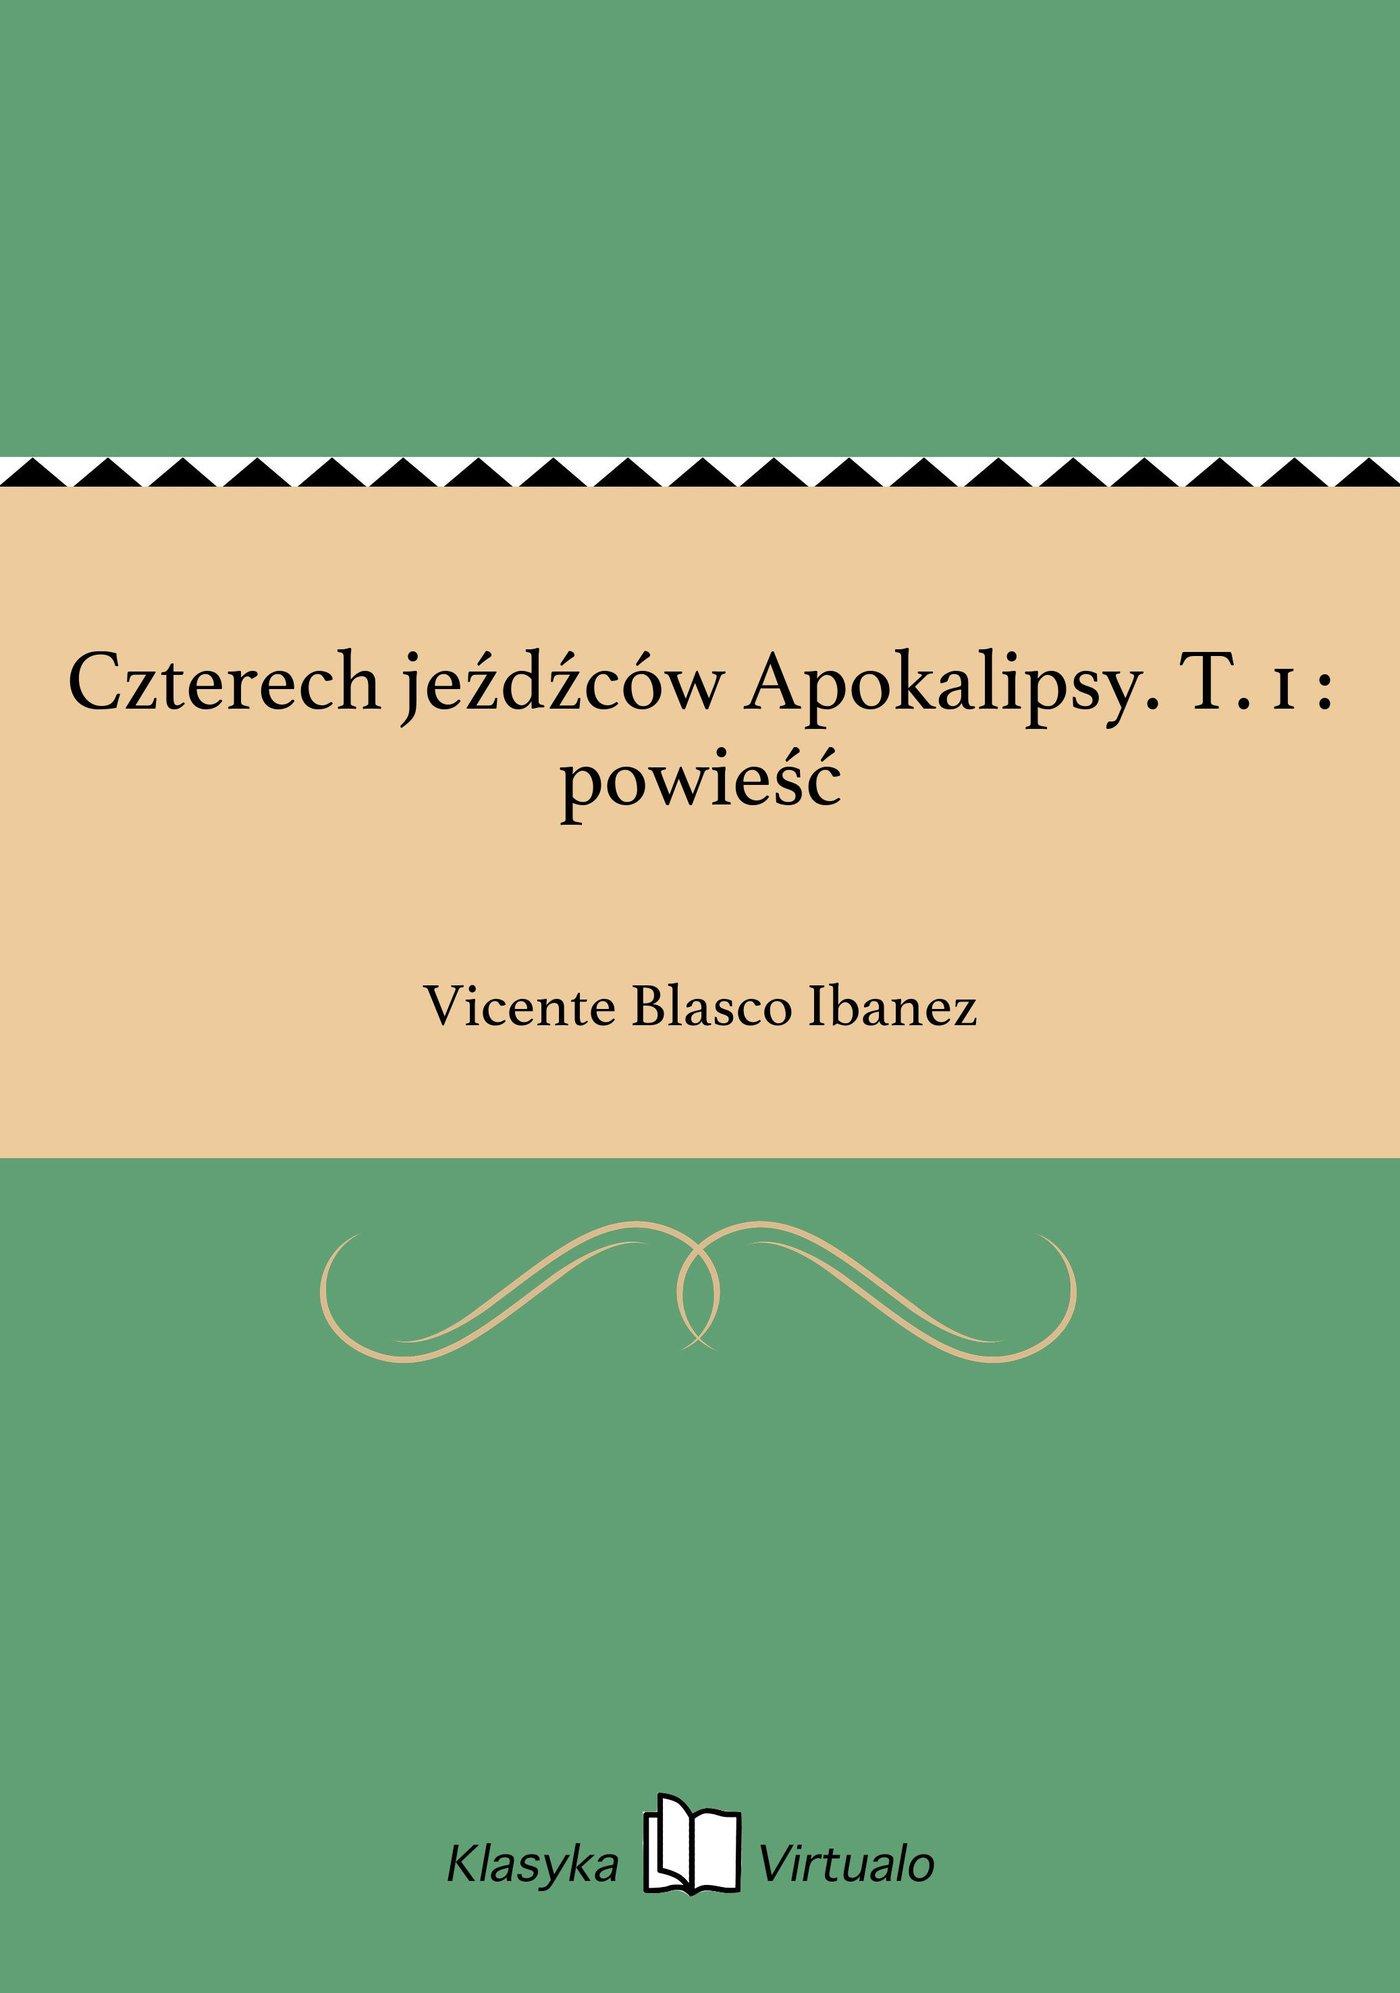 Czterech jeźdźców Apokalipsy. T. 1 : powieść - Ebook (Książka na Kindle) do pobrania w formacie MOBI